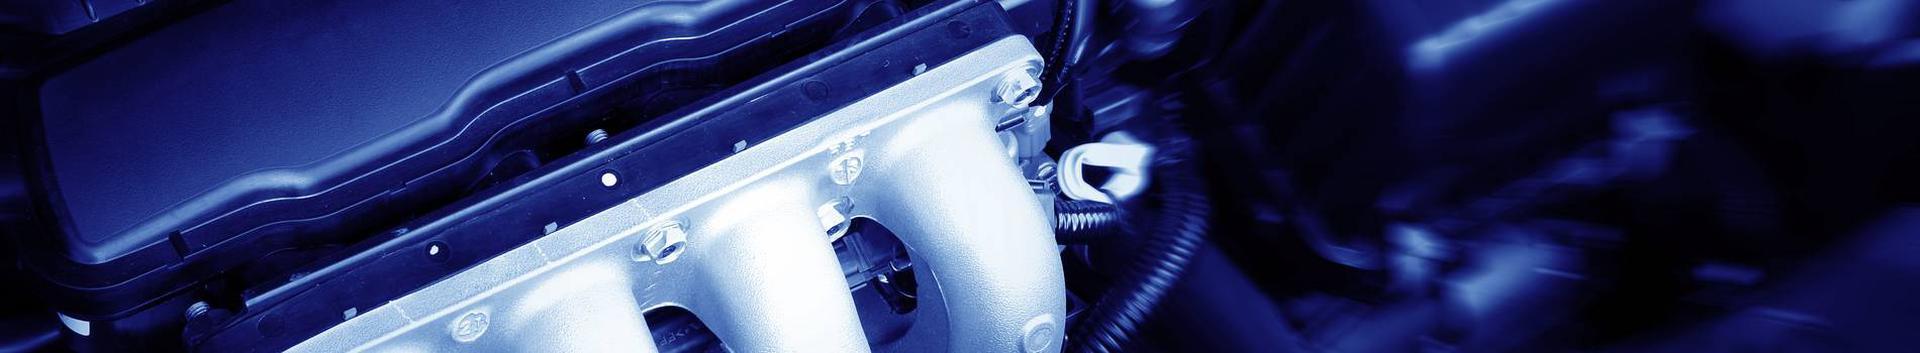 46712_mootorikutuse-hulgimuuk_95250706_xl.jpg